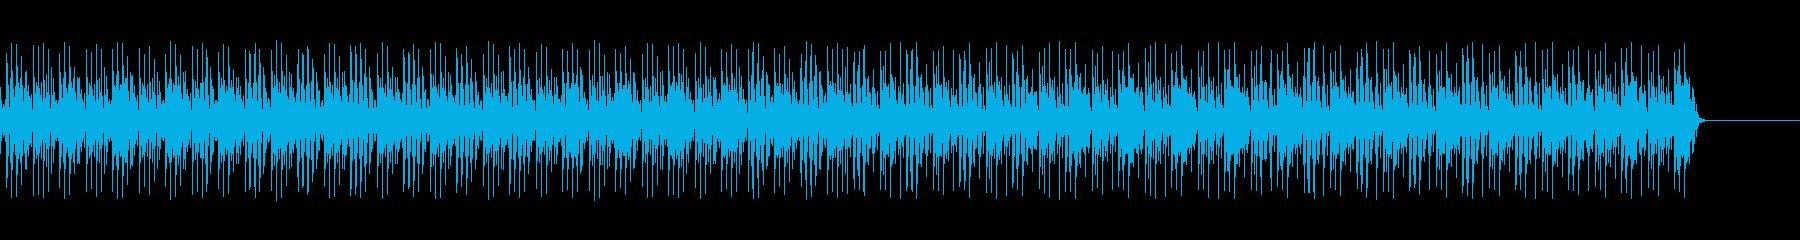 実用的なカリンバの無機質BGMの再生済みの波形